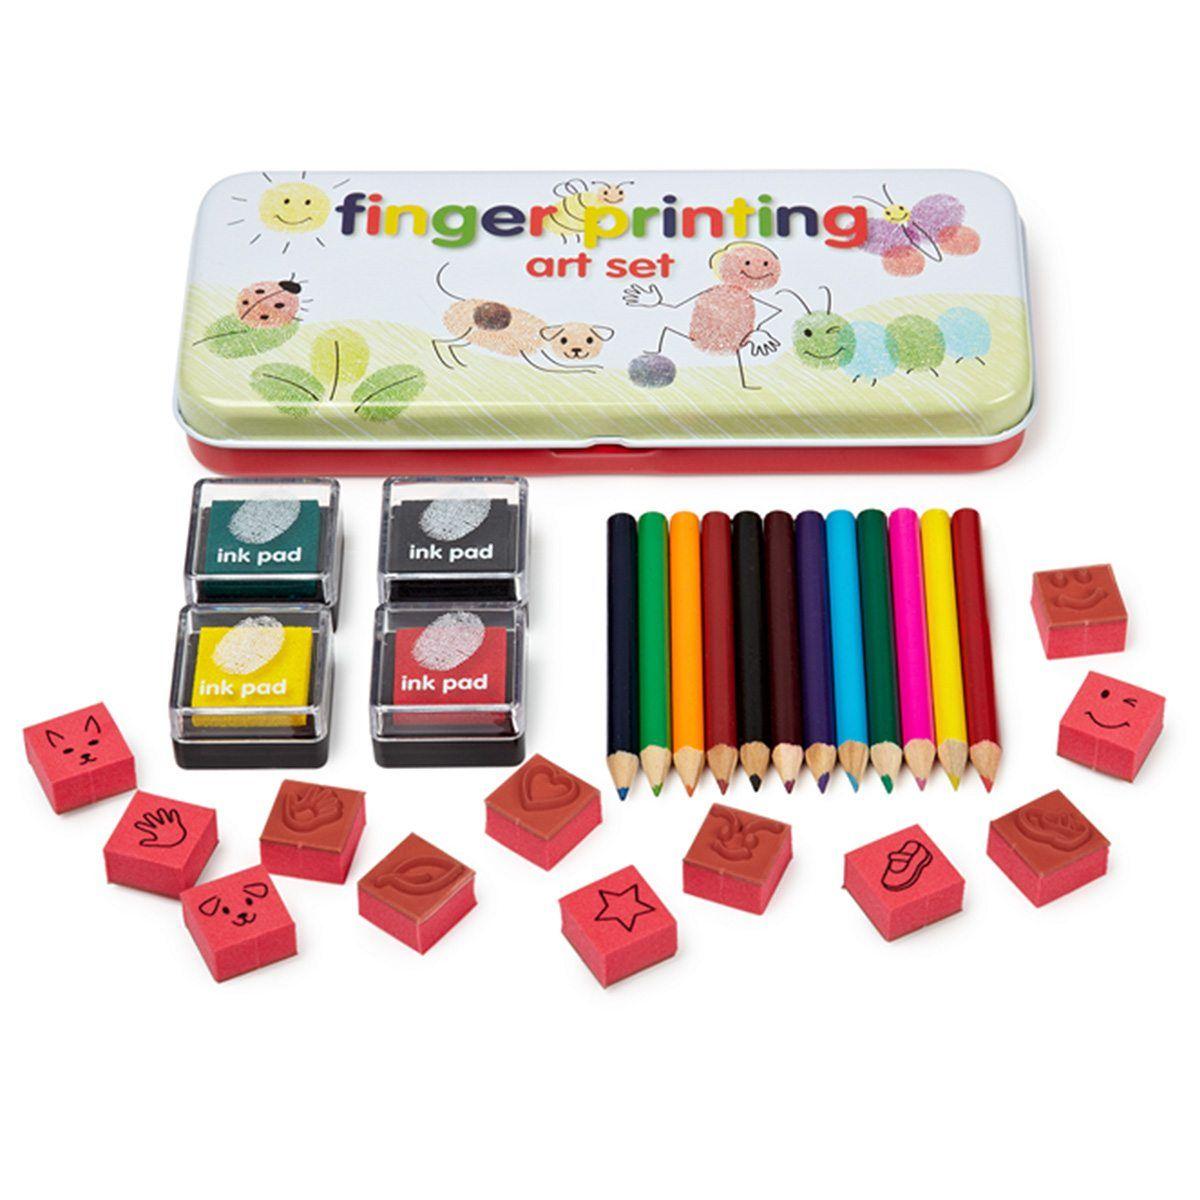 Mit den Fingern in Farbe spielen, ja, das bereitet Freude! Den einen Zeigefinger auf das gelbe Stempelkissen gedrückt, den anderen auf das blaue Kissen und dann die Finger direkt auf das Papier pressen. Jetzt noch ein paar Striche mit den bunten Stiften hinzufügen und schon nimmt das kleine Kunstwerk Form an. Eine wirklich tolle Möglichkeit, um die Kreativität von Jungen und Mädchen zu fördern. Das Fingerstempel-Set eignet sich bestens als Geschenk zur Einschulung oder zum Geburtstag. Oder einfa